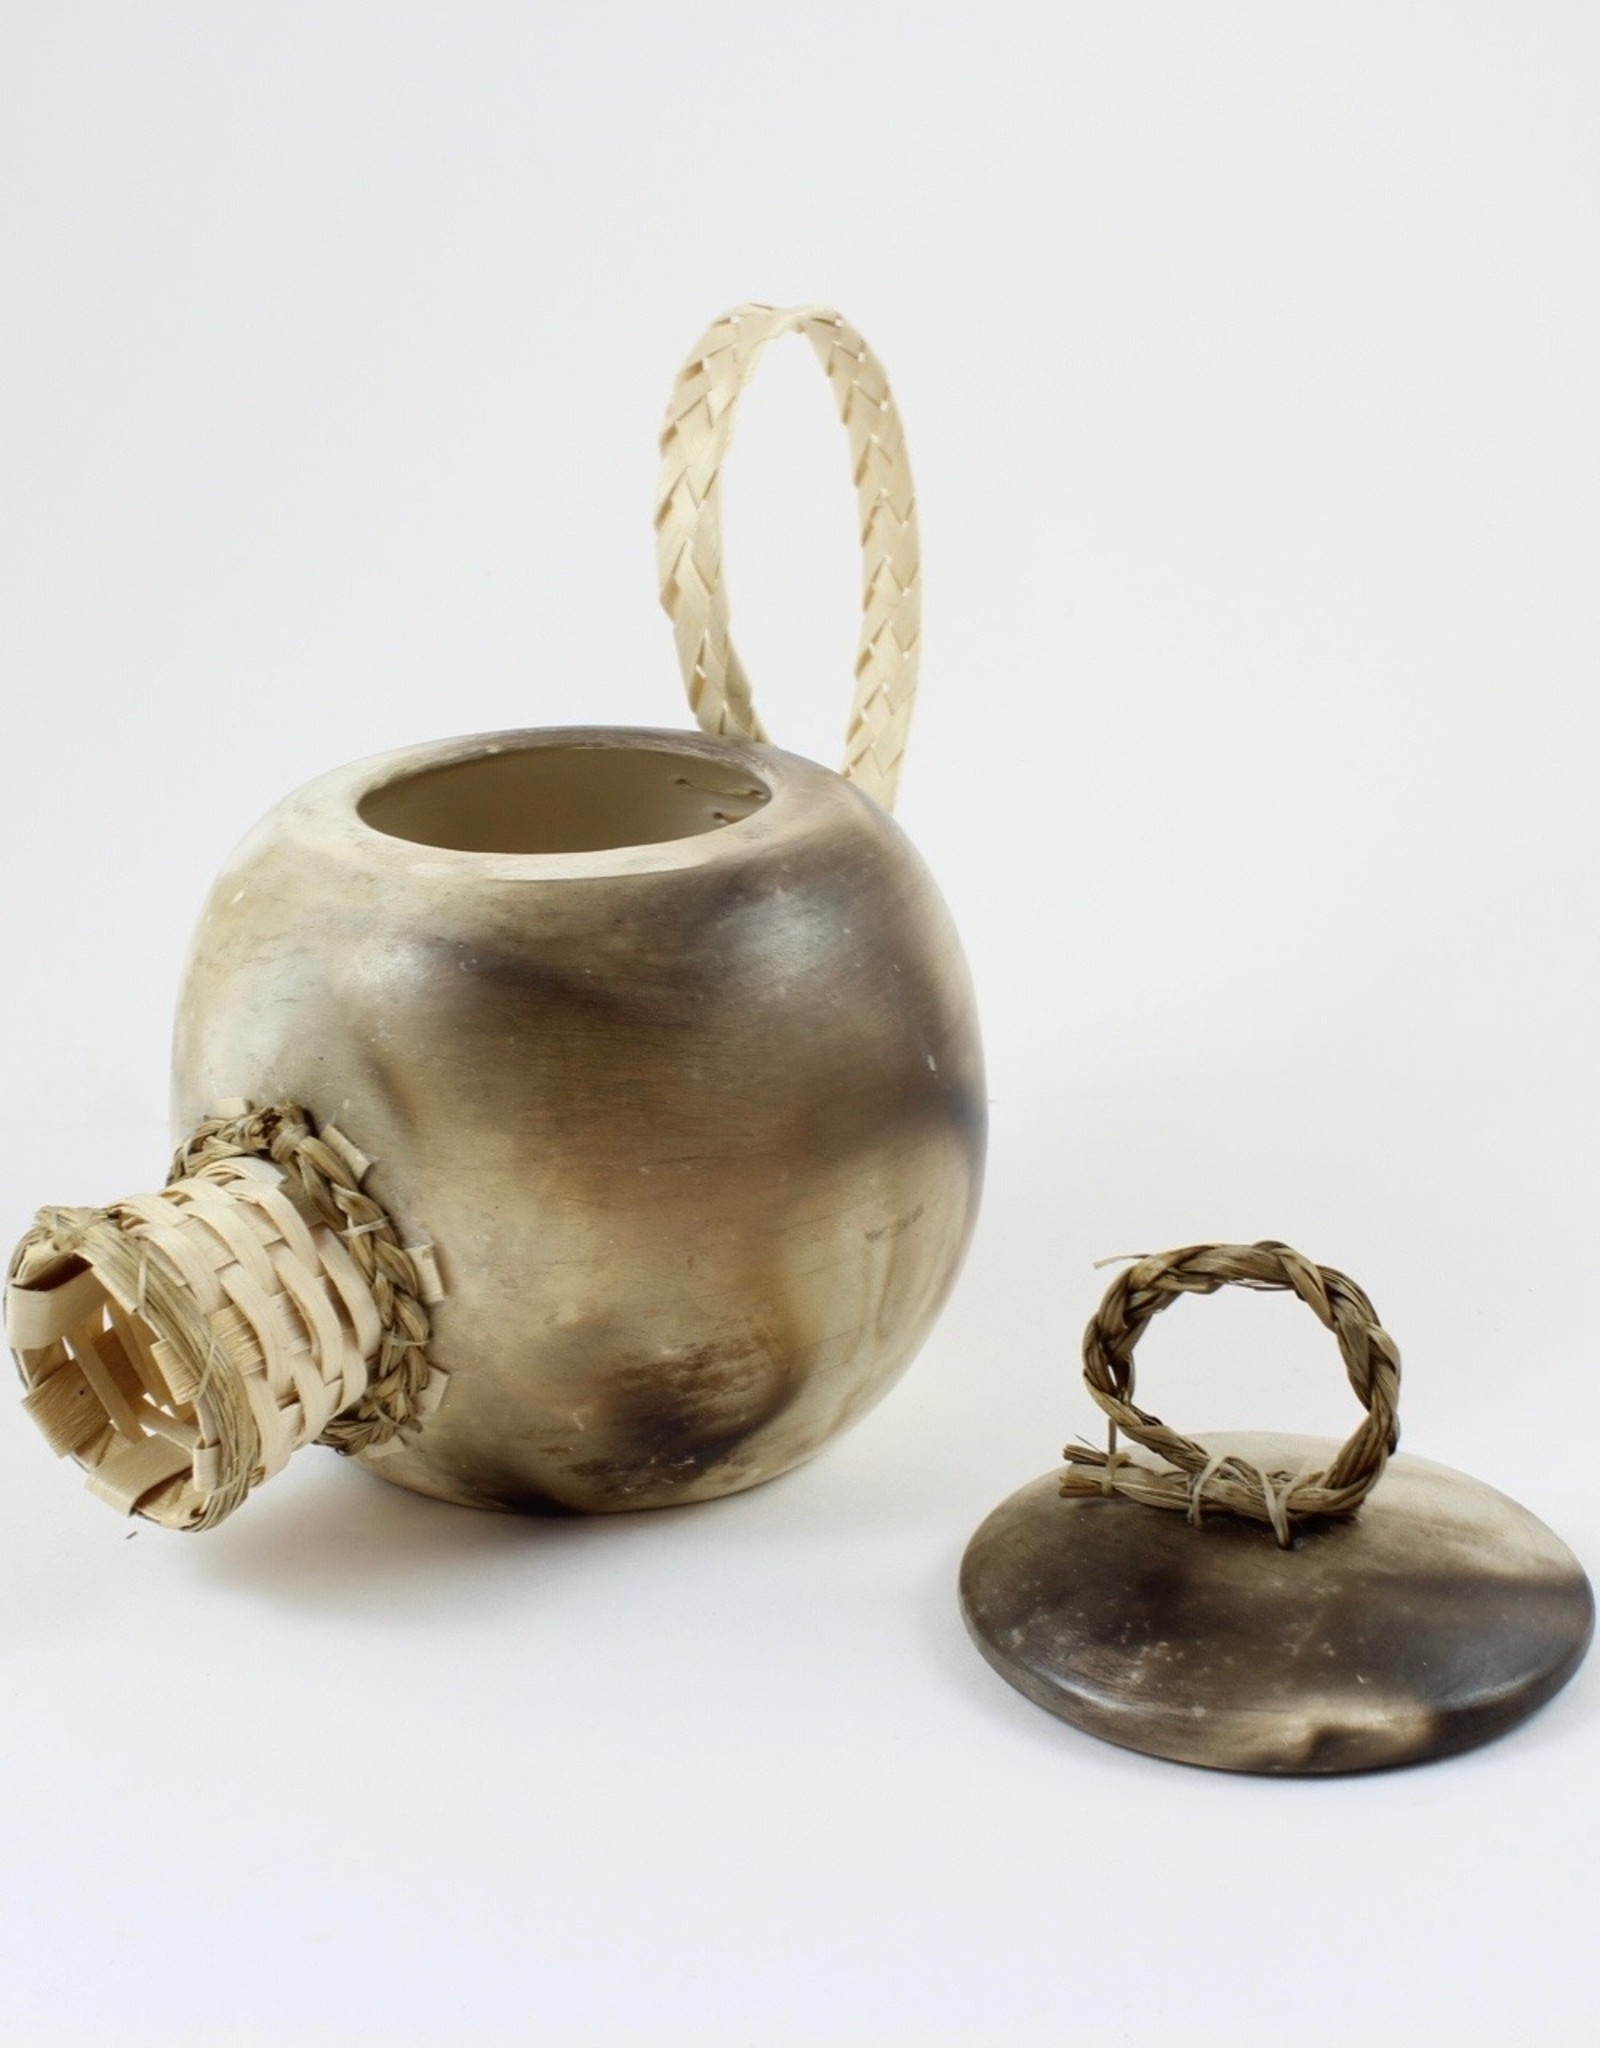 Nancy Oakley Sweetgrass Teapot by Nancy Oakley